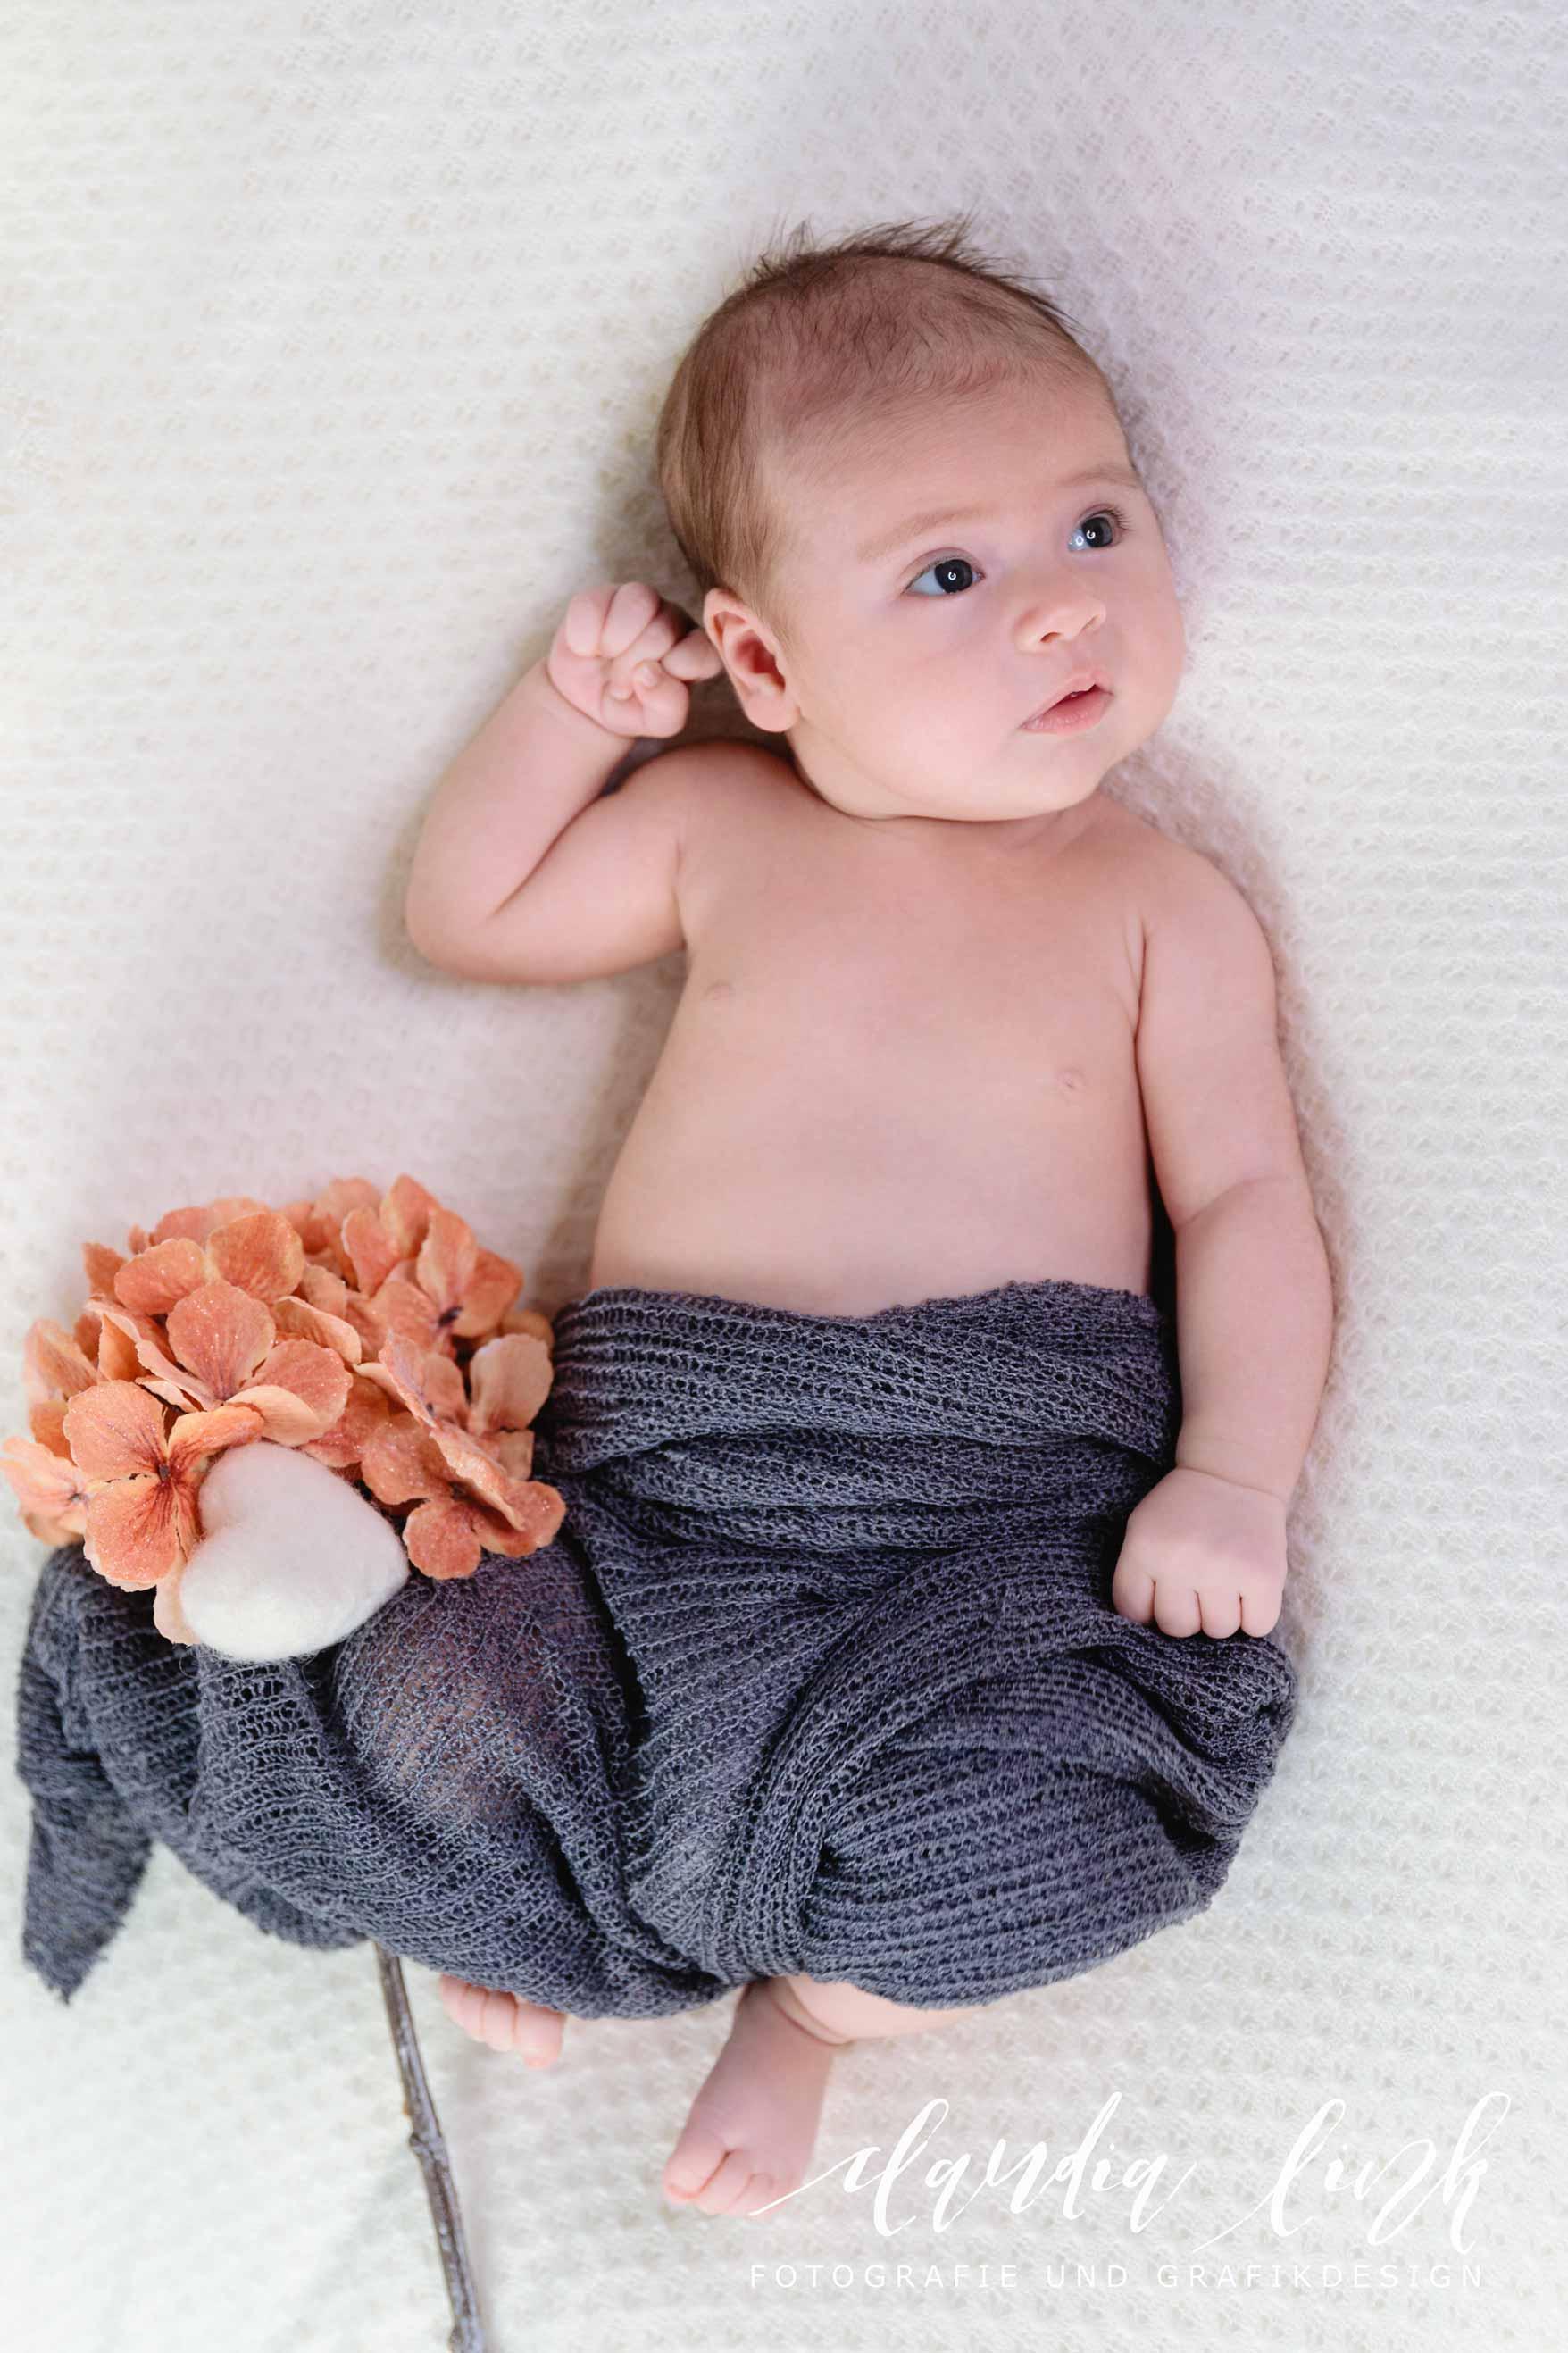 Kreative Babyfotos mit weihnachtlichen Accessoires IMG 5360web